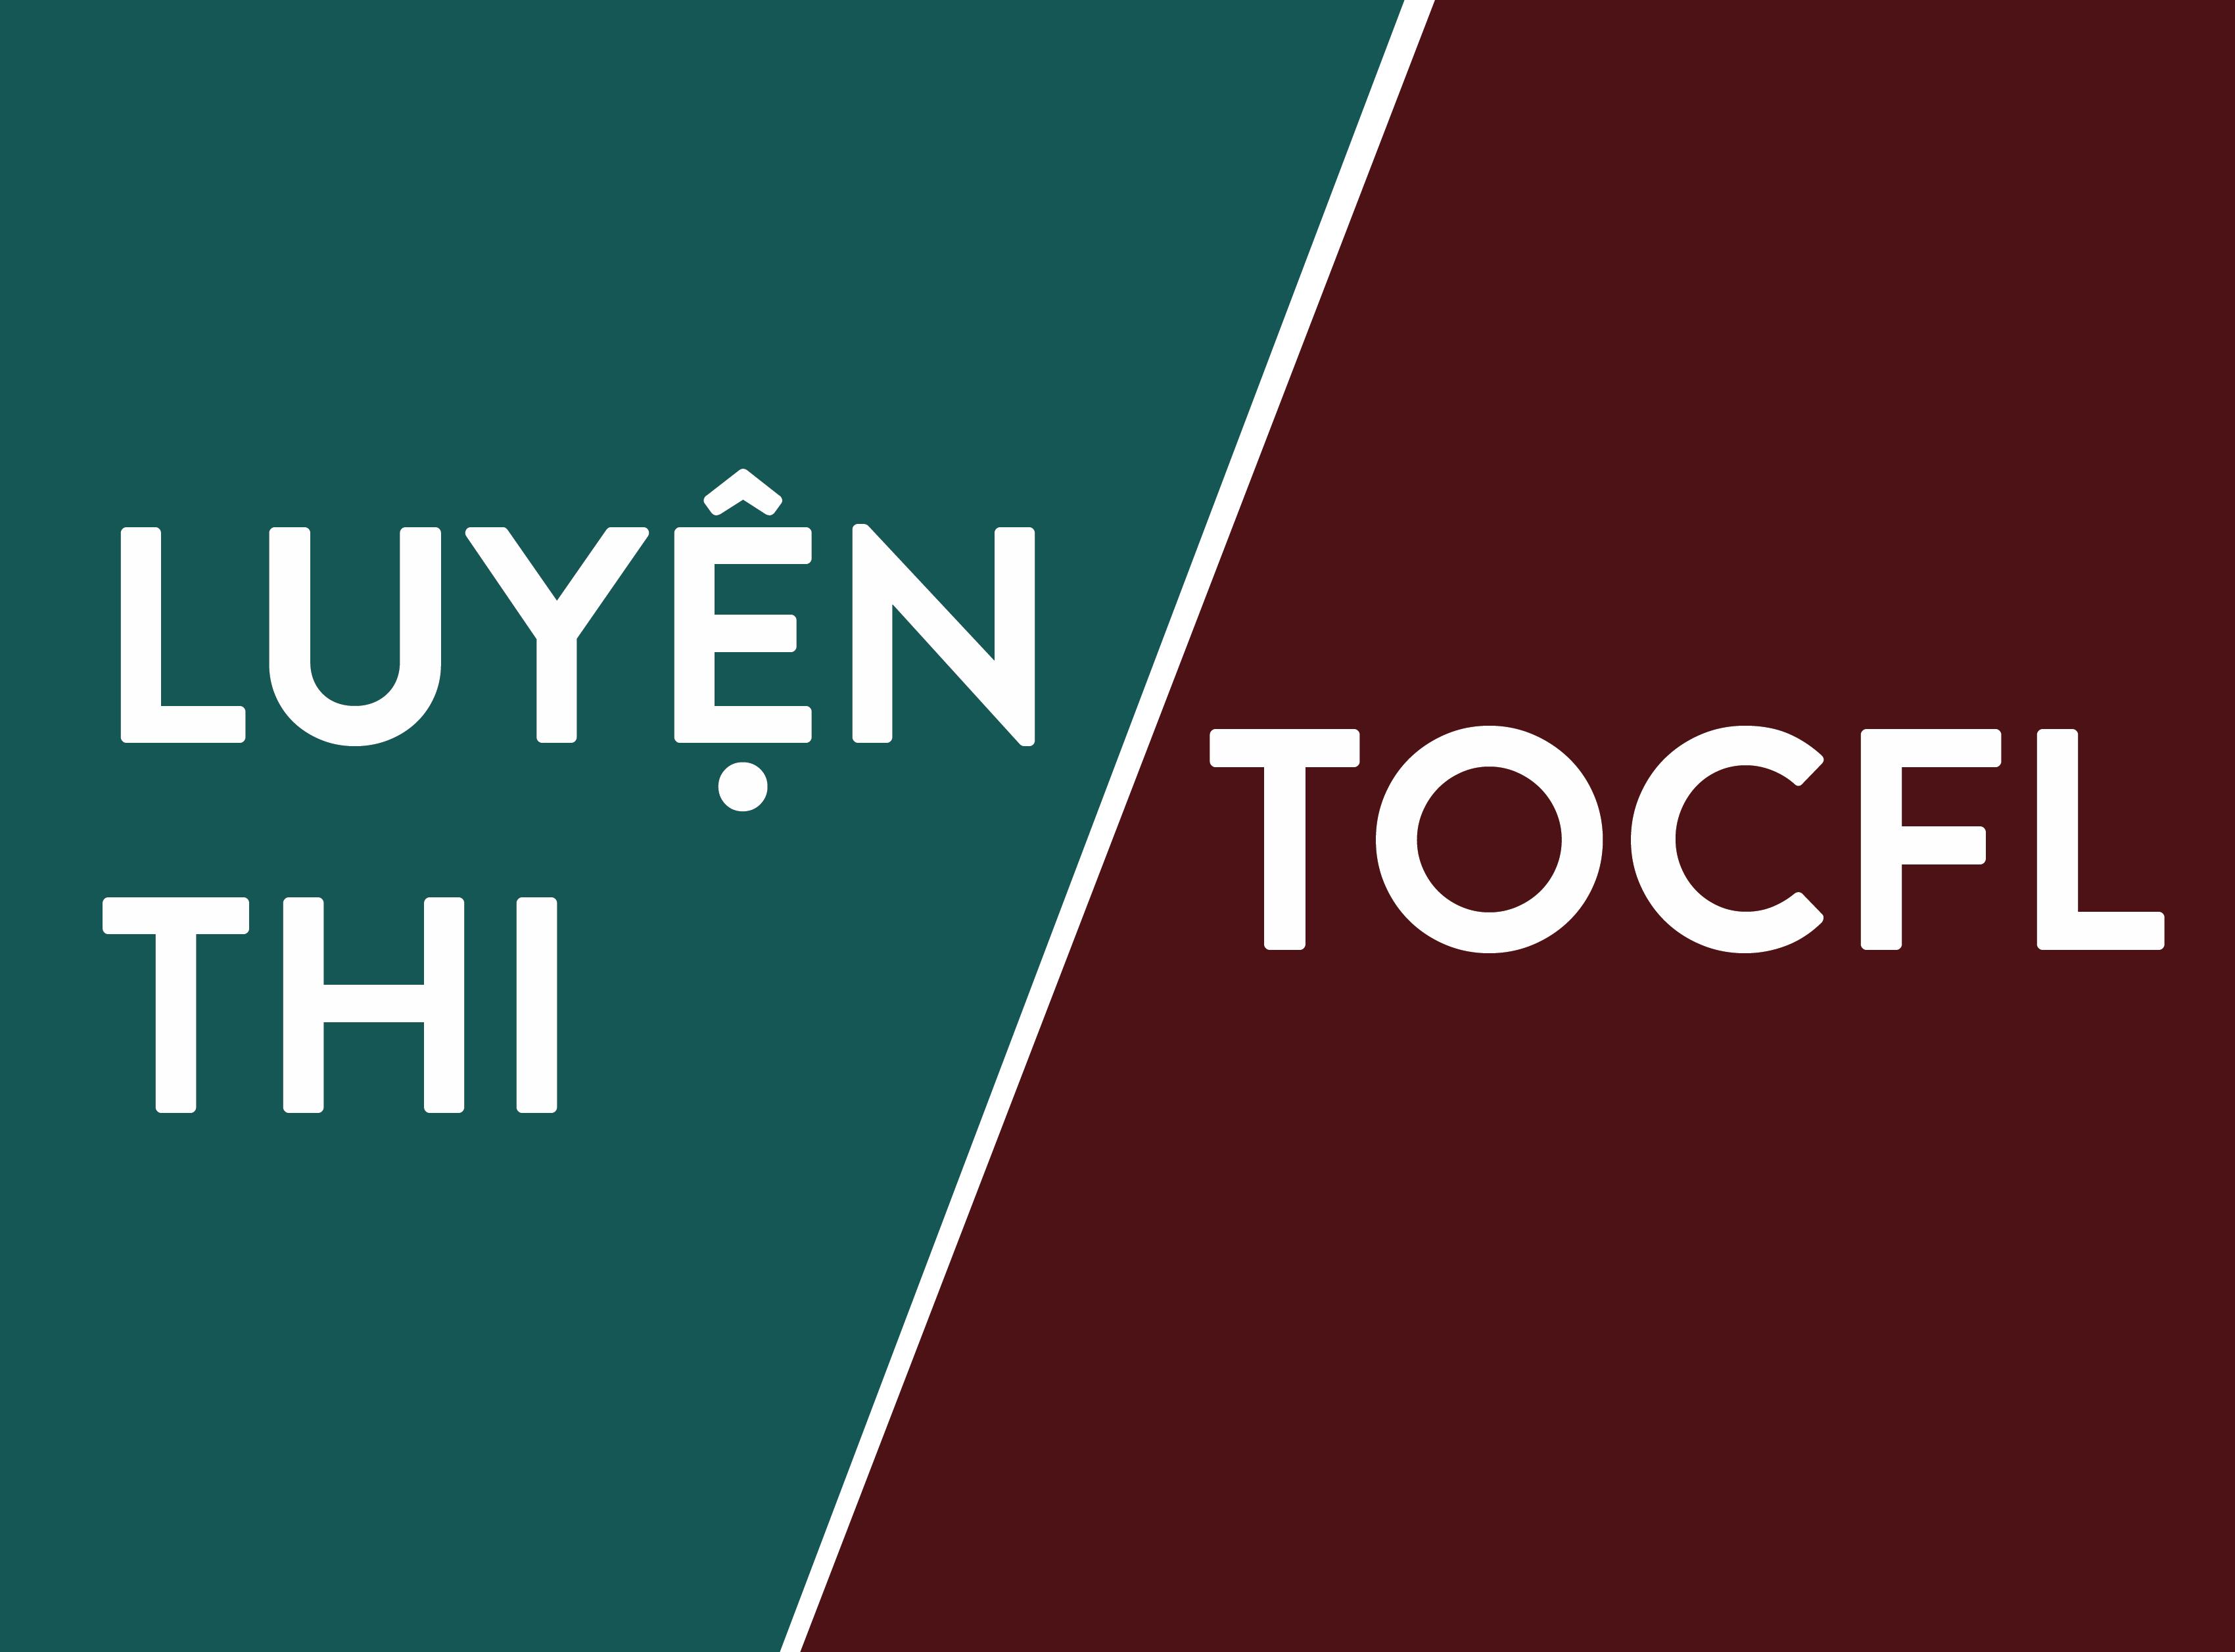 Luyện thi TOCFL - Trung tâm Hoa văn SaigonHSK